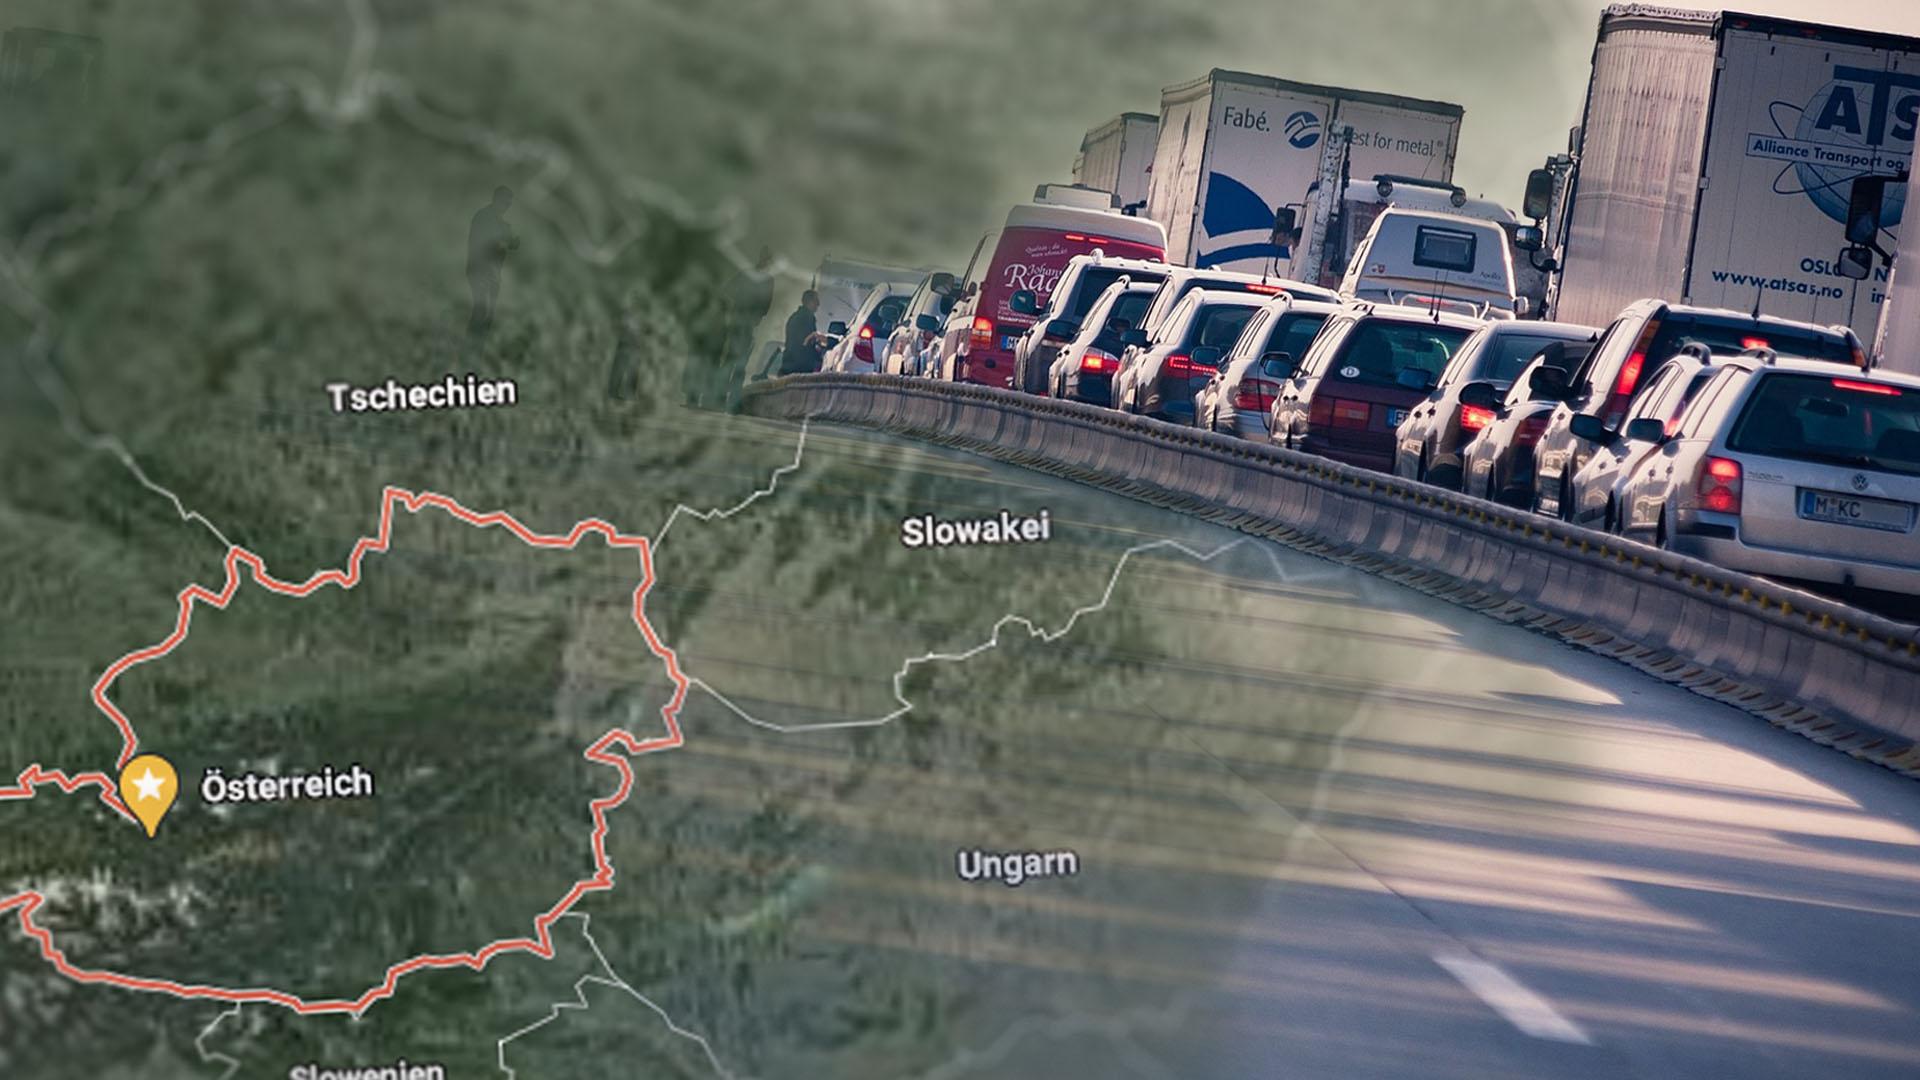 Österreich öffnet Grenzen zum Osten - LT1 - Oberösterreichs ...